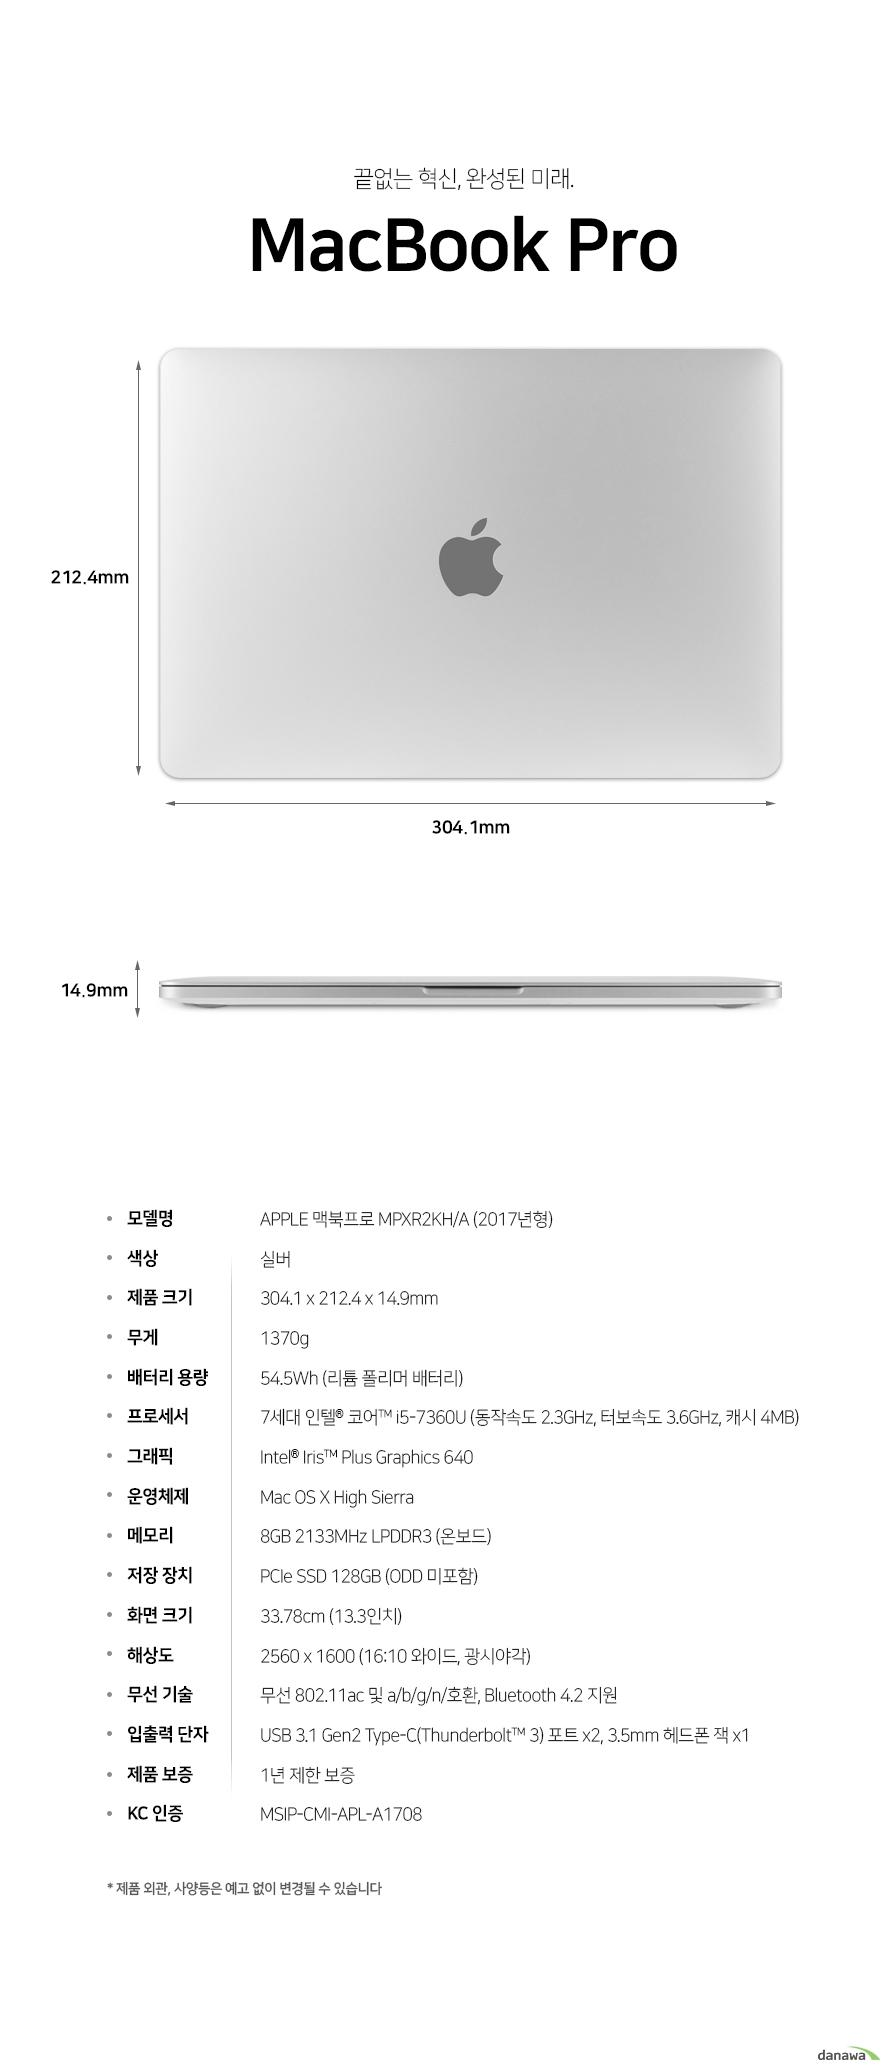 예술적인 혁신, 아름다움     맥북 프로            상세스펙        모델명    애플 맥북 프로 MPXR2KH/A 2017년형        색상    실버        제품크기    길이 304.1 밀리미터    넓이 212.4 밀리미터    두께 14.9 밀리미터        무게 1370g        배터리 용량 54.5 와트시 리튬 폴리머 배터리 장착        프로세서    7세대 인텔 코어 i5 7360U     동작속도 2.3기가 헤르츠 터보 속도 3.6 기가헤르츠 캐시 4메가바이트        그래픽     인텔 아이리스 플러스 그래픽스 640        운영체제    os x high sierra        메모리     8기가바이트 2133 메가헤르츠 lpddr3 온보드 장착        저장장치    PCIE SSD 128GB (ODD 미포함)        화면크기    33.78cm 13.3인치        해상도     2560 1600 16:10비율 광시야각        무선 기술    무선 802.11ac 및 a b g n 호환     블루투스 4.2 지원        입출력 단자 usb 3.1 GEN2 타입 c포트(썬더볼트 3 호환) 2개 및 3.5밀리미터 헤드폰 잭 1개        제품 보증 1년 제한 보증        kc 인증 msip cmi apl a1708        제품 외관 사양등은 예고 없이 변경될 수 있습니다.